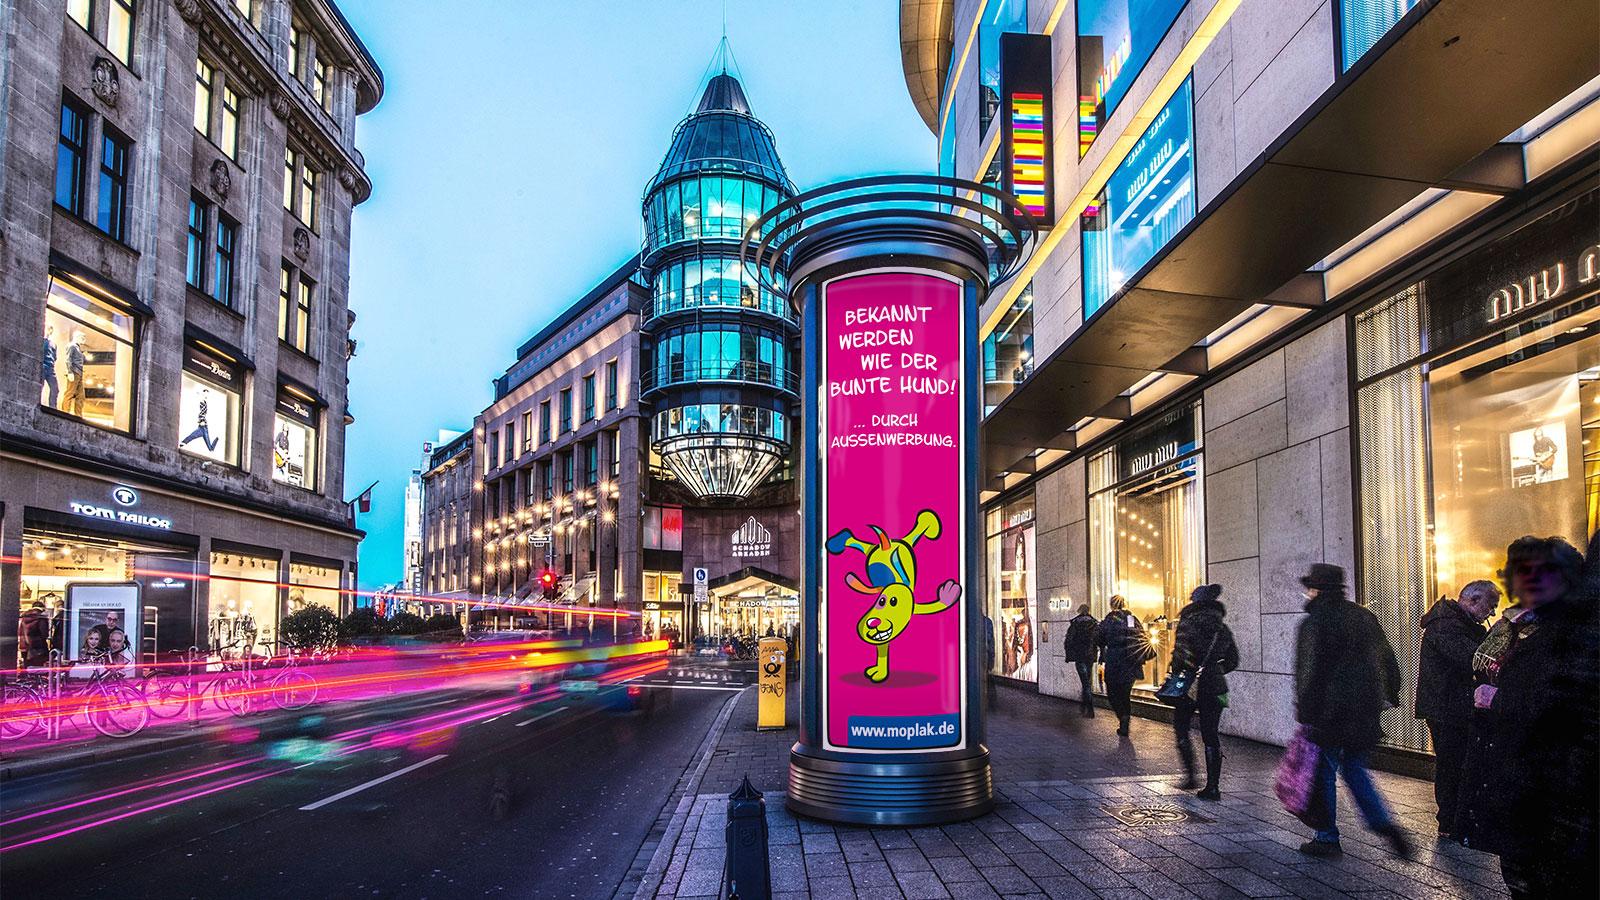 Bonn-Aussenwerbung-Litfasssaeule-Werbung